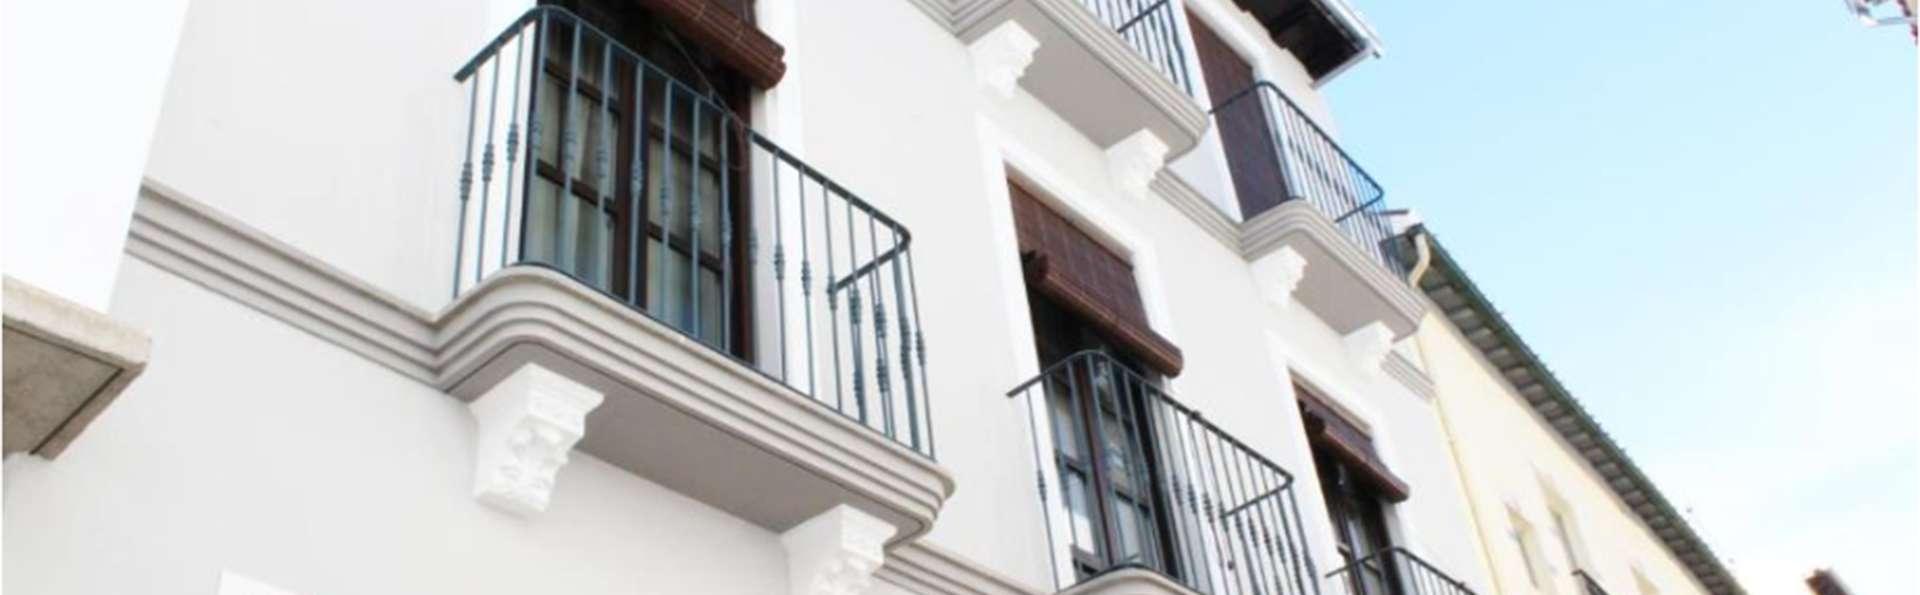 Nest Flats Granada - EDIT_NEST_FLATS_GRANADA-31.PNG